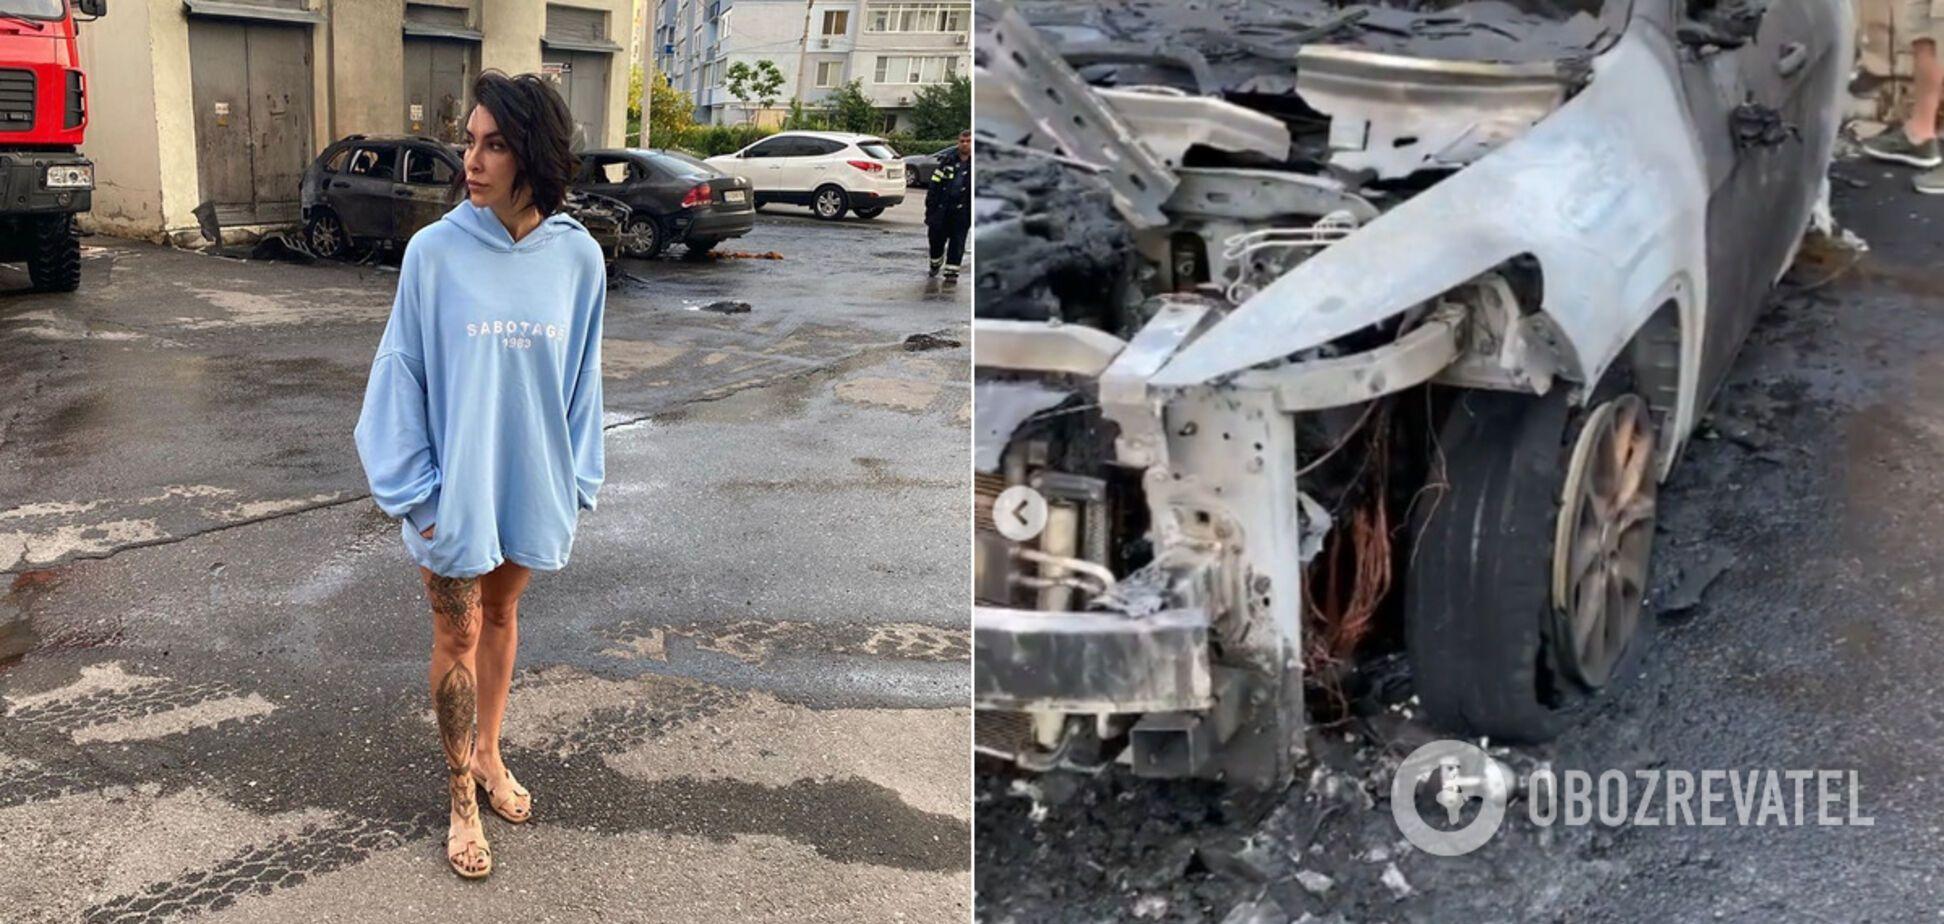 В Харькове подожгли авто Татьяны Коряк